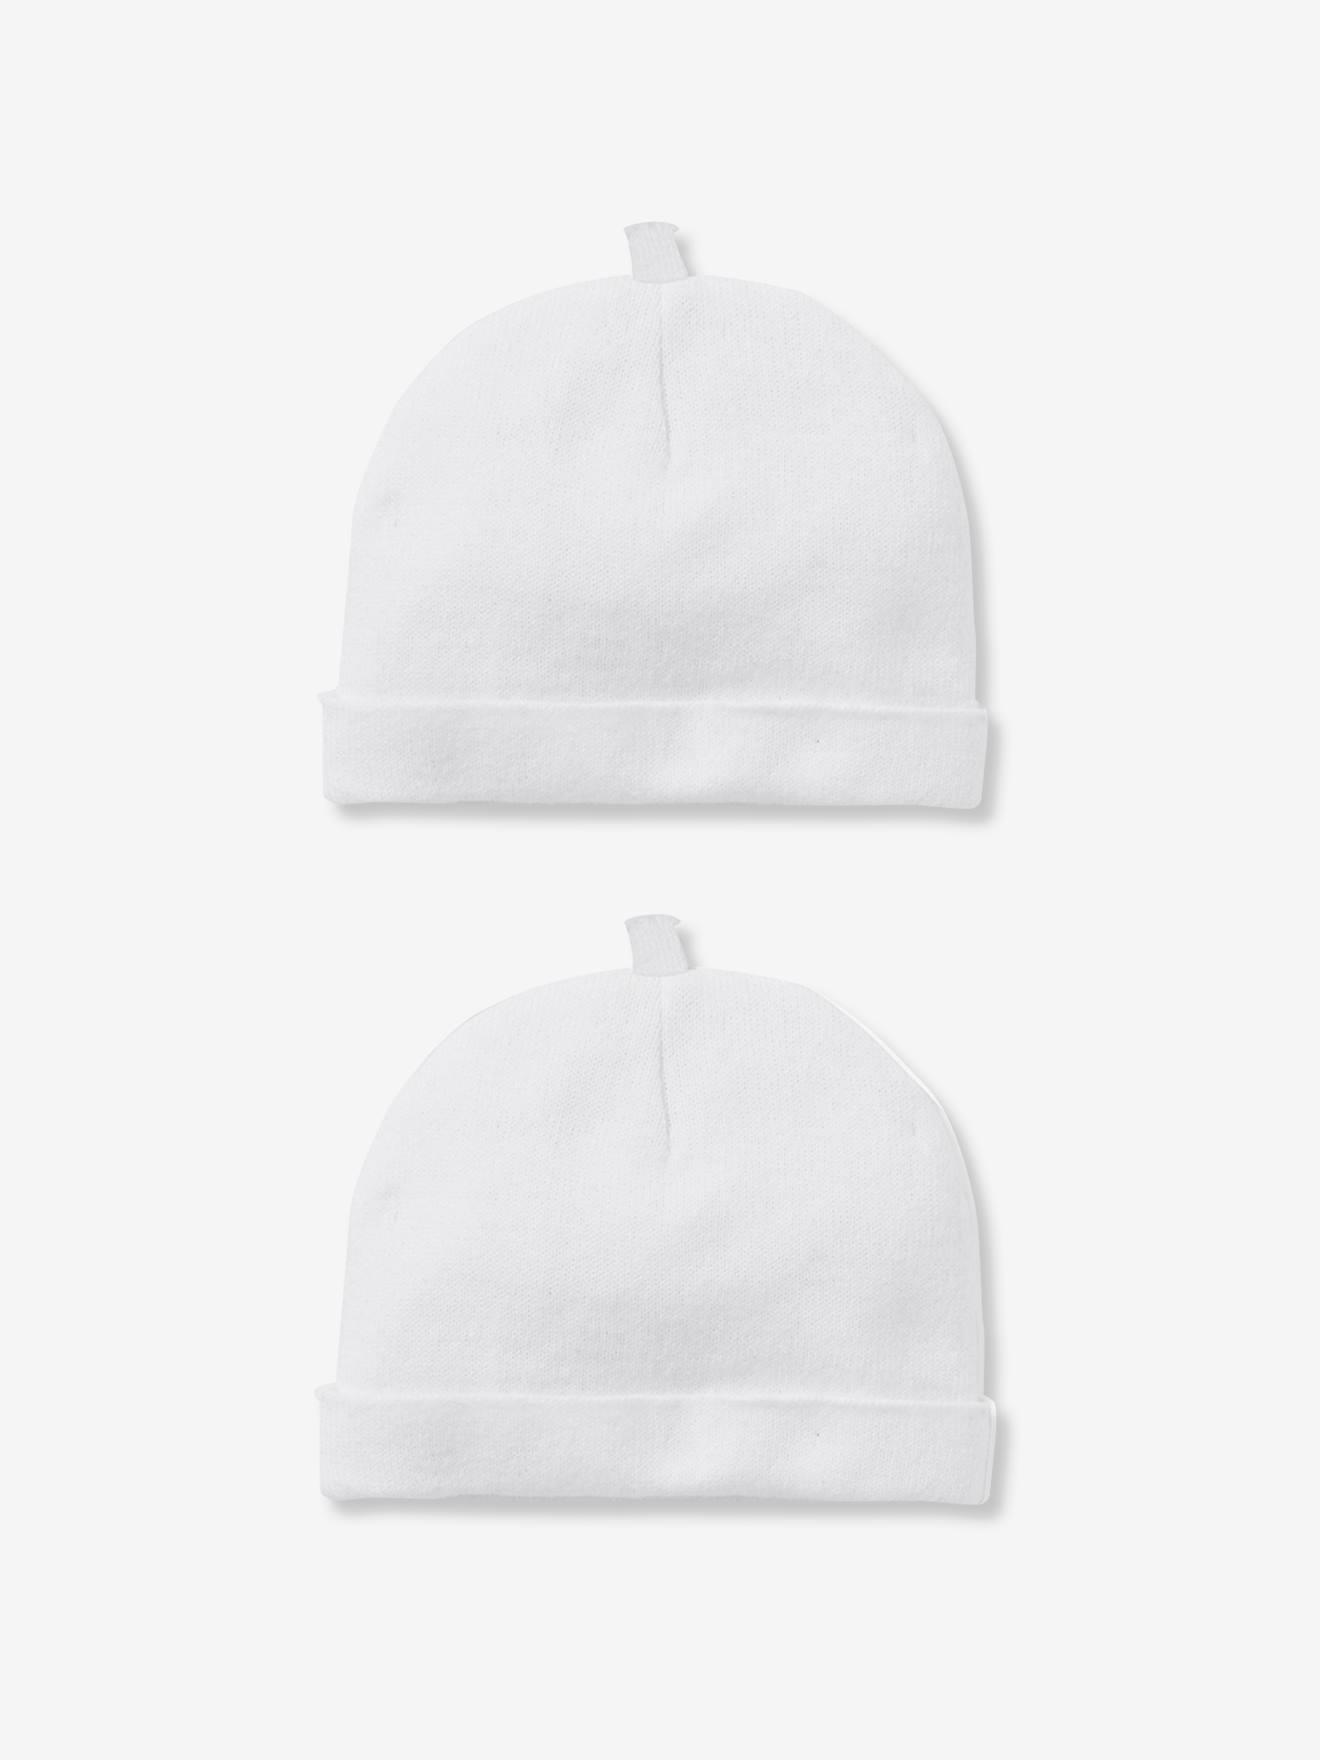 9ec686725de Lot de 2 bonnets bébé spécial maternité en coton bio lot blanc - Vertbaudet